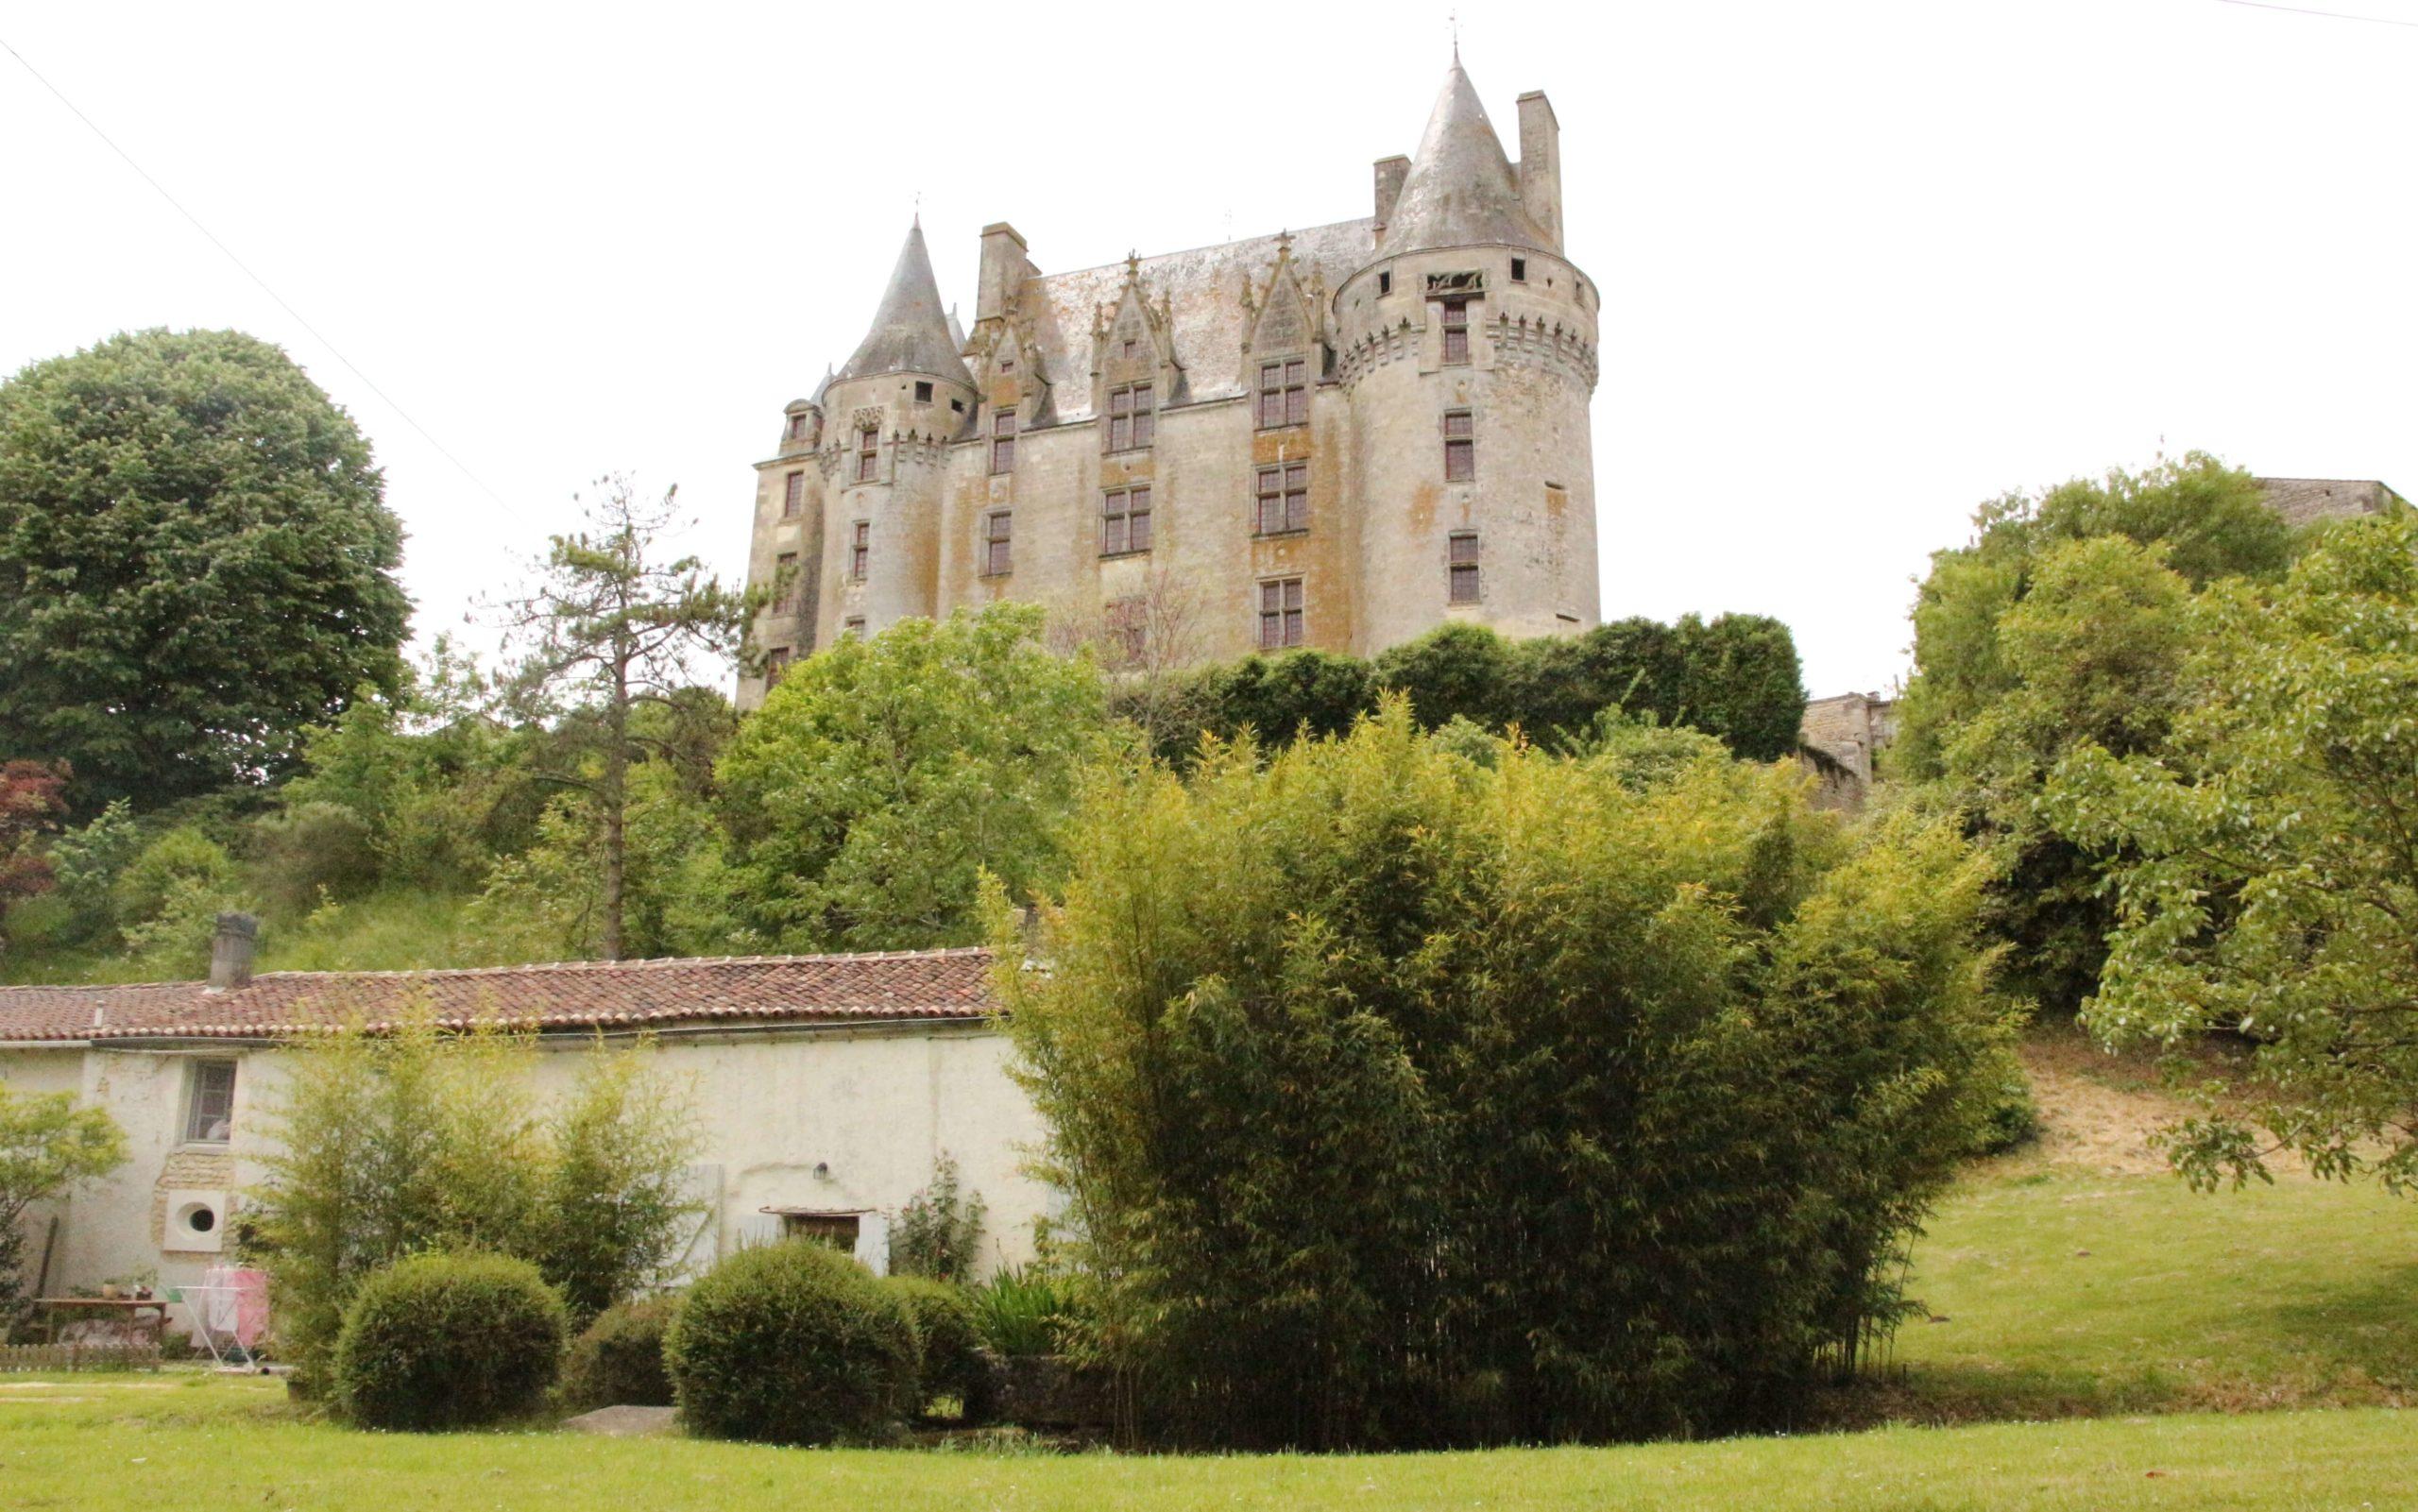 Château de neuvicq gothique